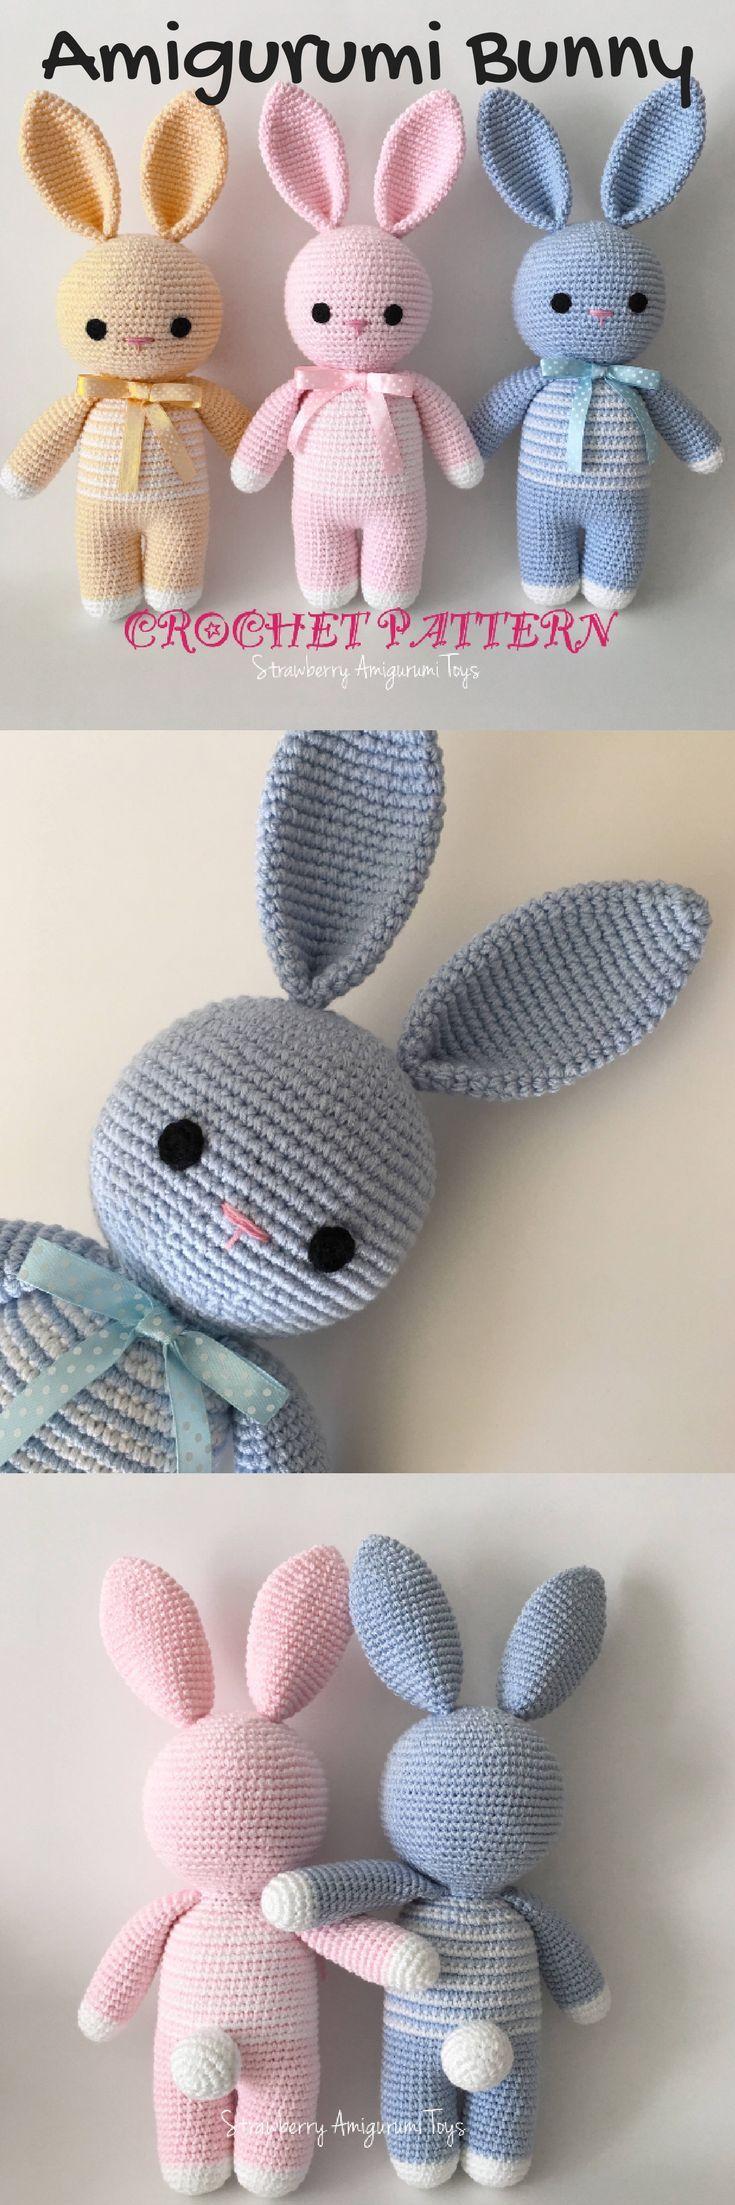 Striken İdeen : Was für ein süßes Häschenmuster! Ich liebe Amigurumi Häkelmuster wie dieses! So ... #amigurumi #dieses #hakelmuster #haschenmuster #liebe #crochetbunnypattern